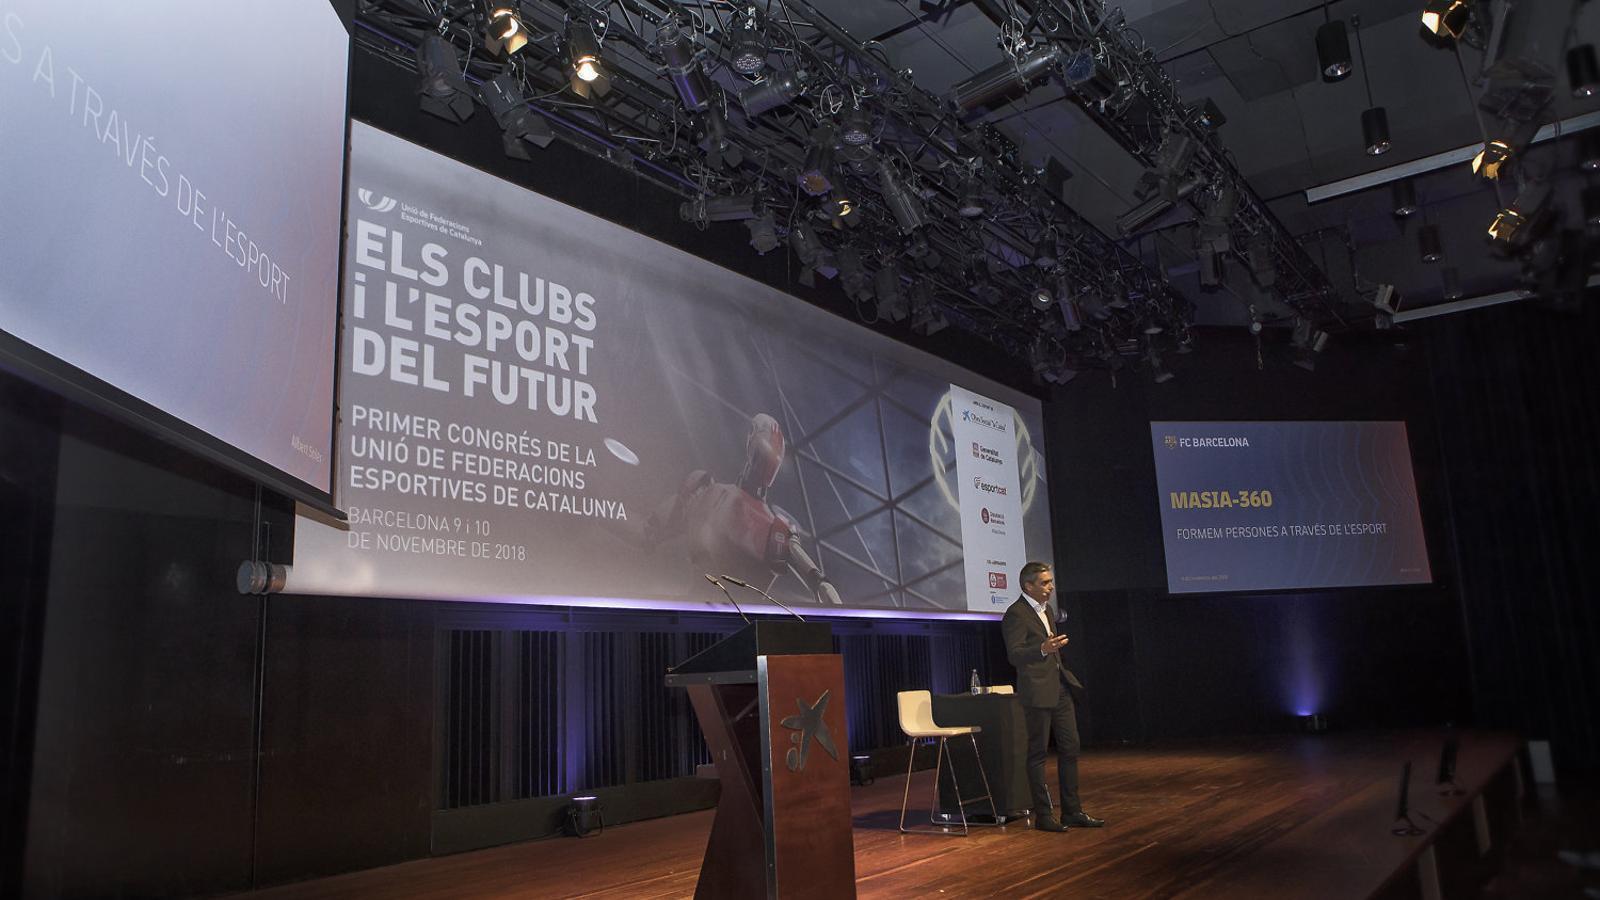 Albert Soler durant la seva conferència al primer congrés de la UFEC.